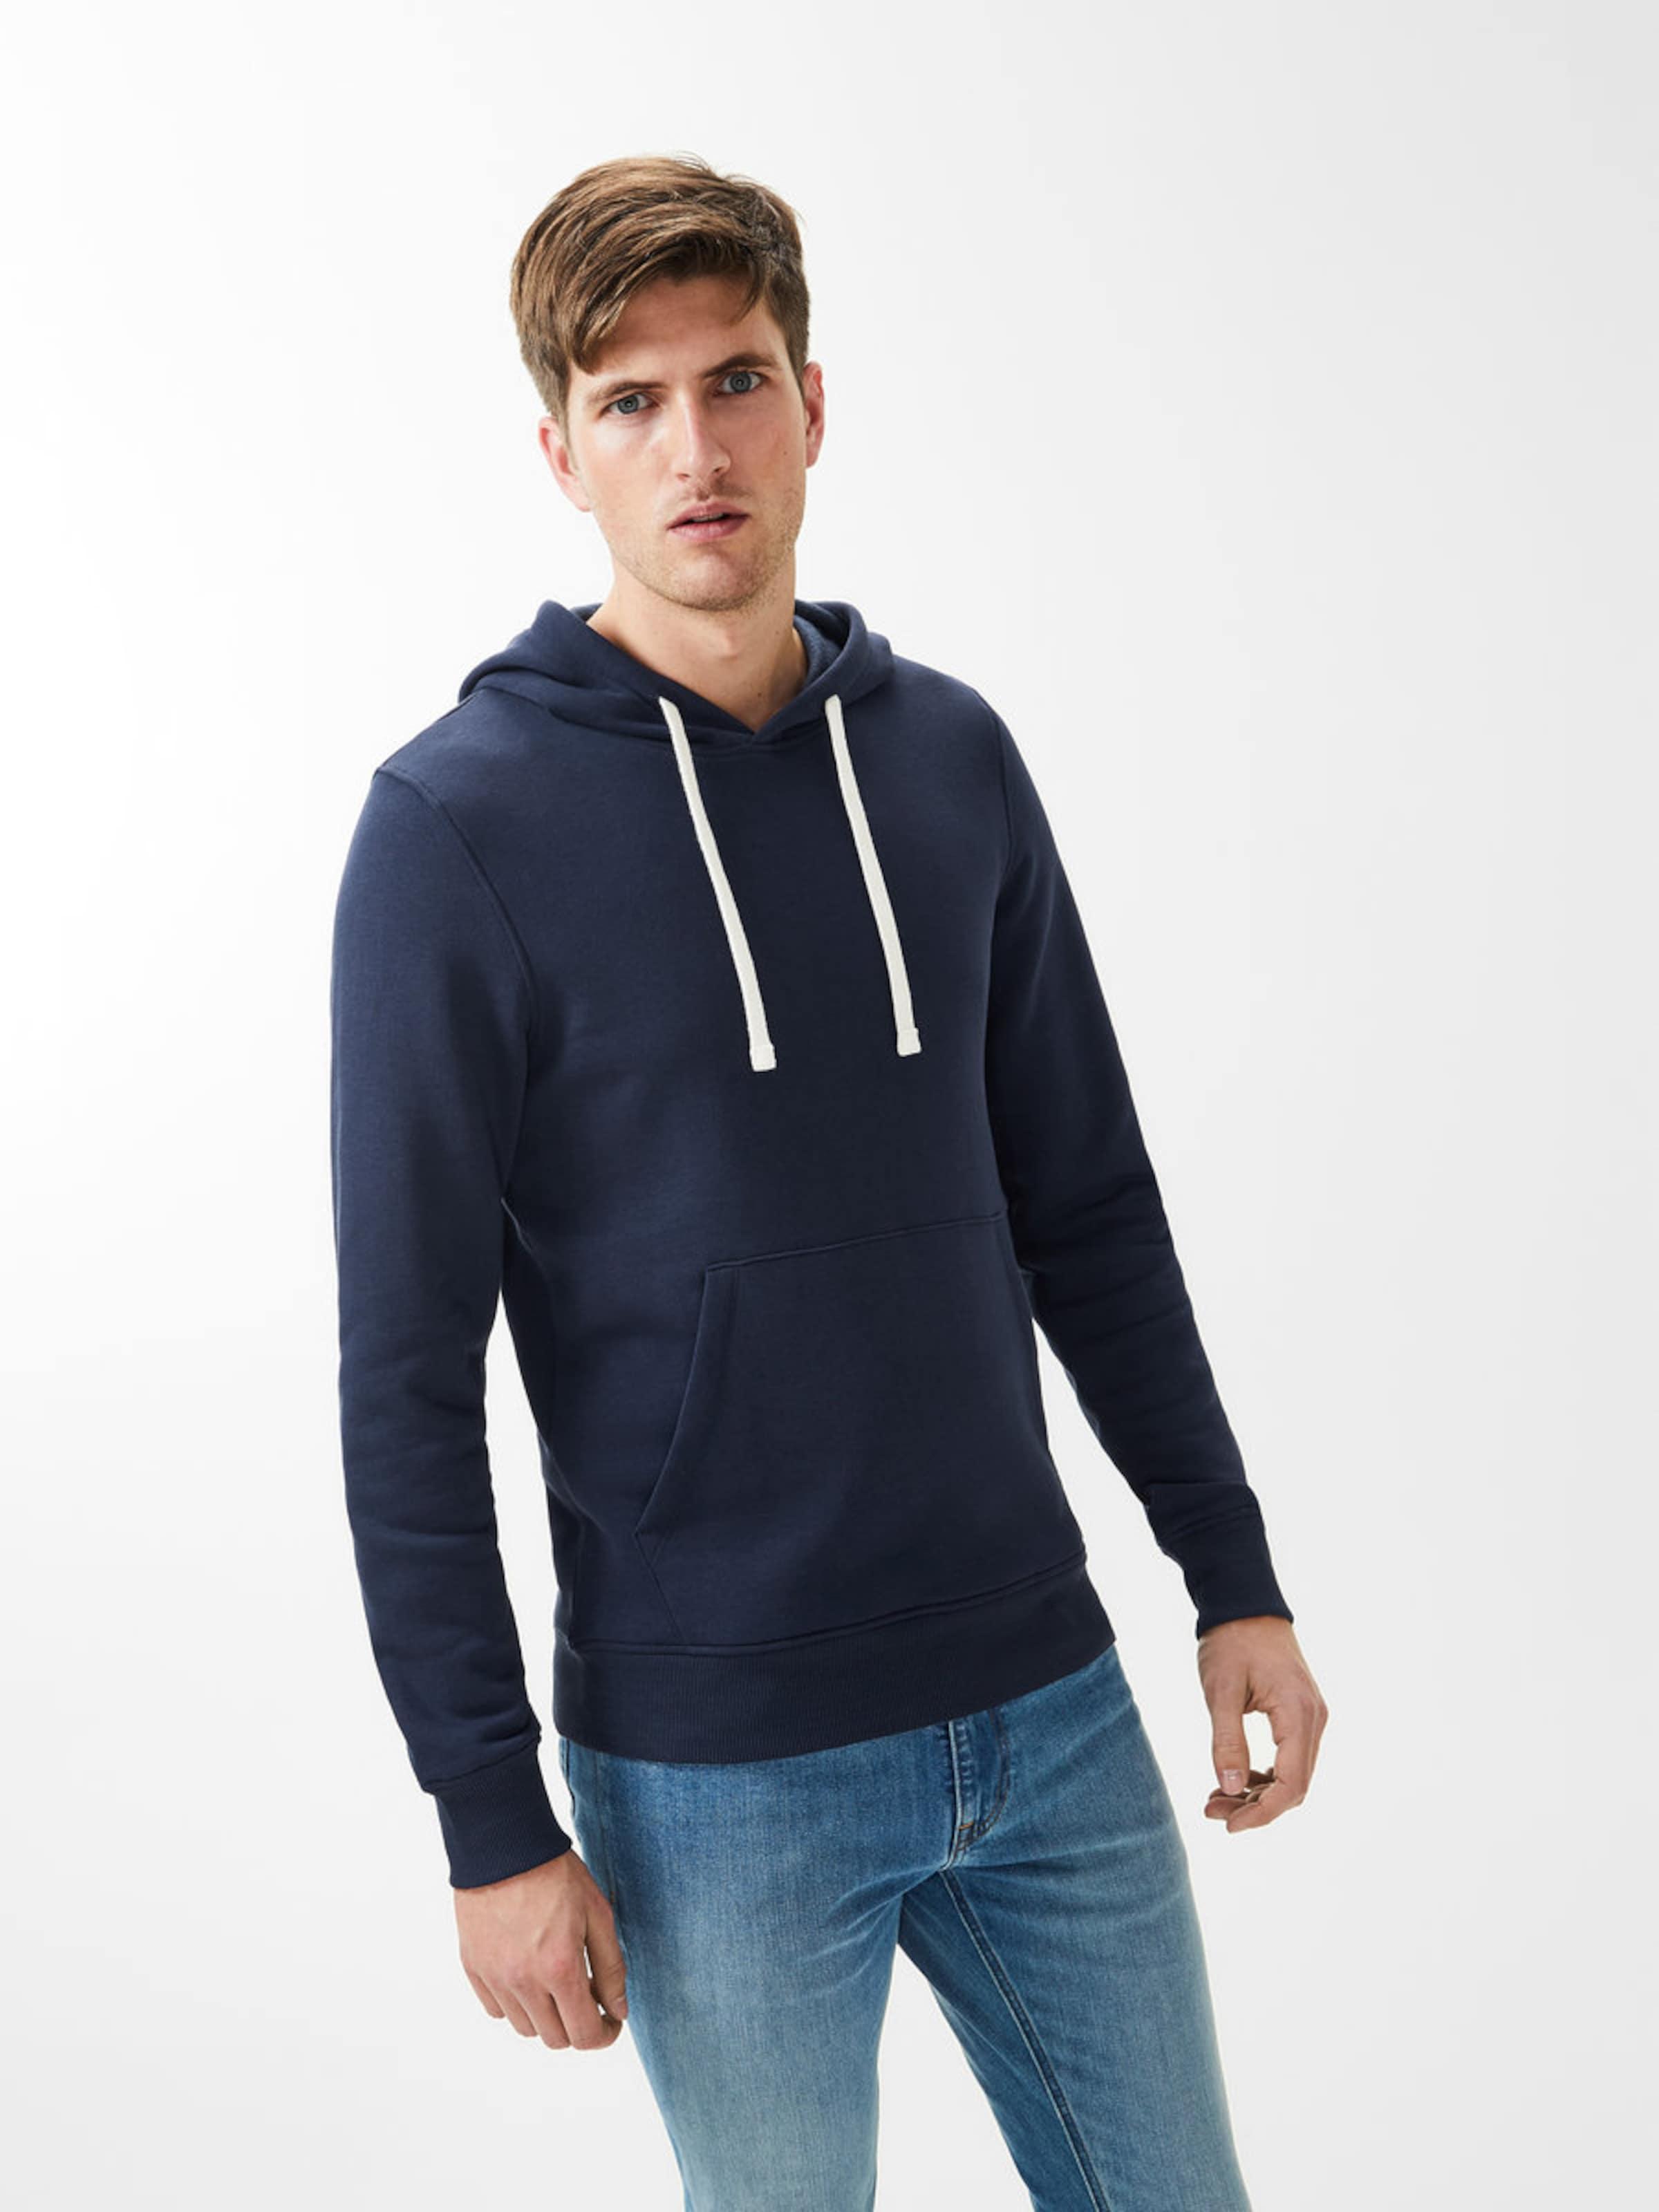 Produkt Sweatshirt Klassisches Steckdose Echte 4X6Lg